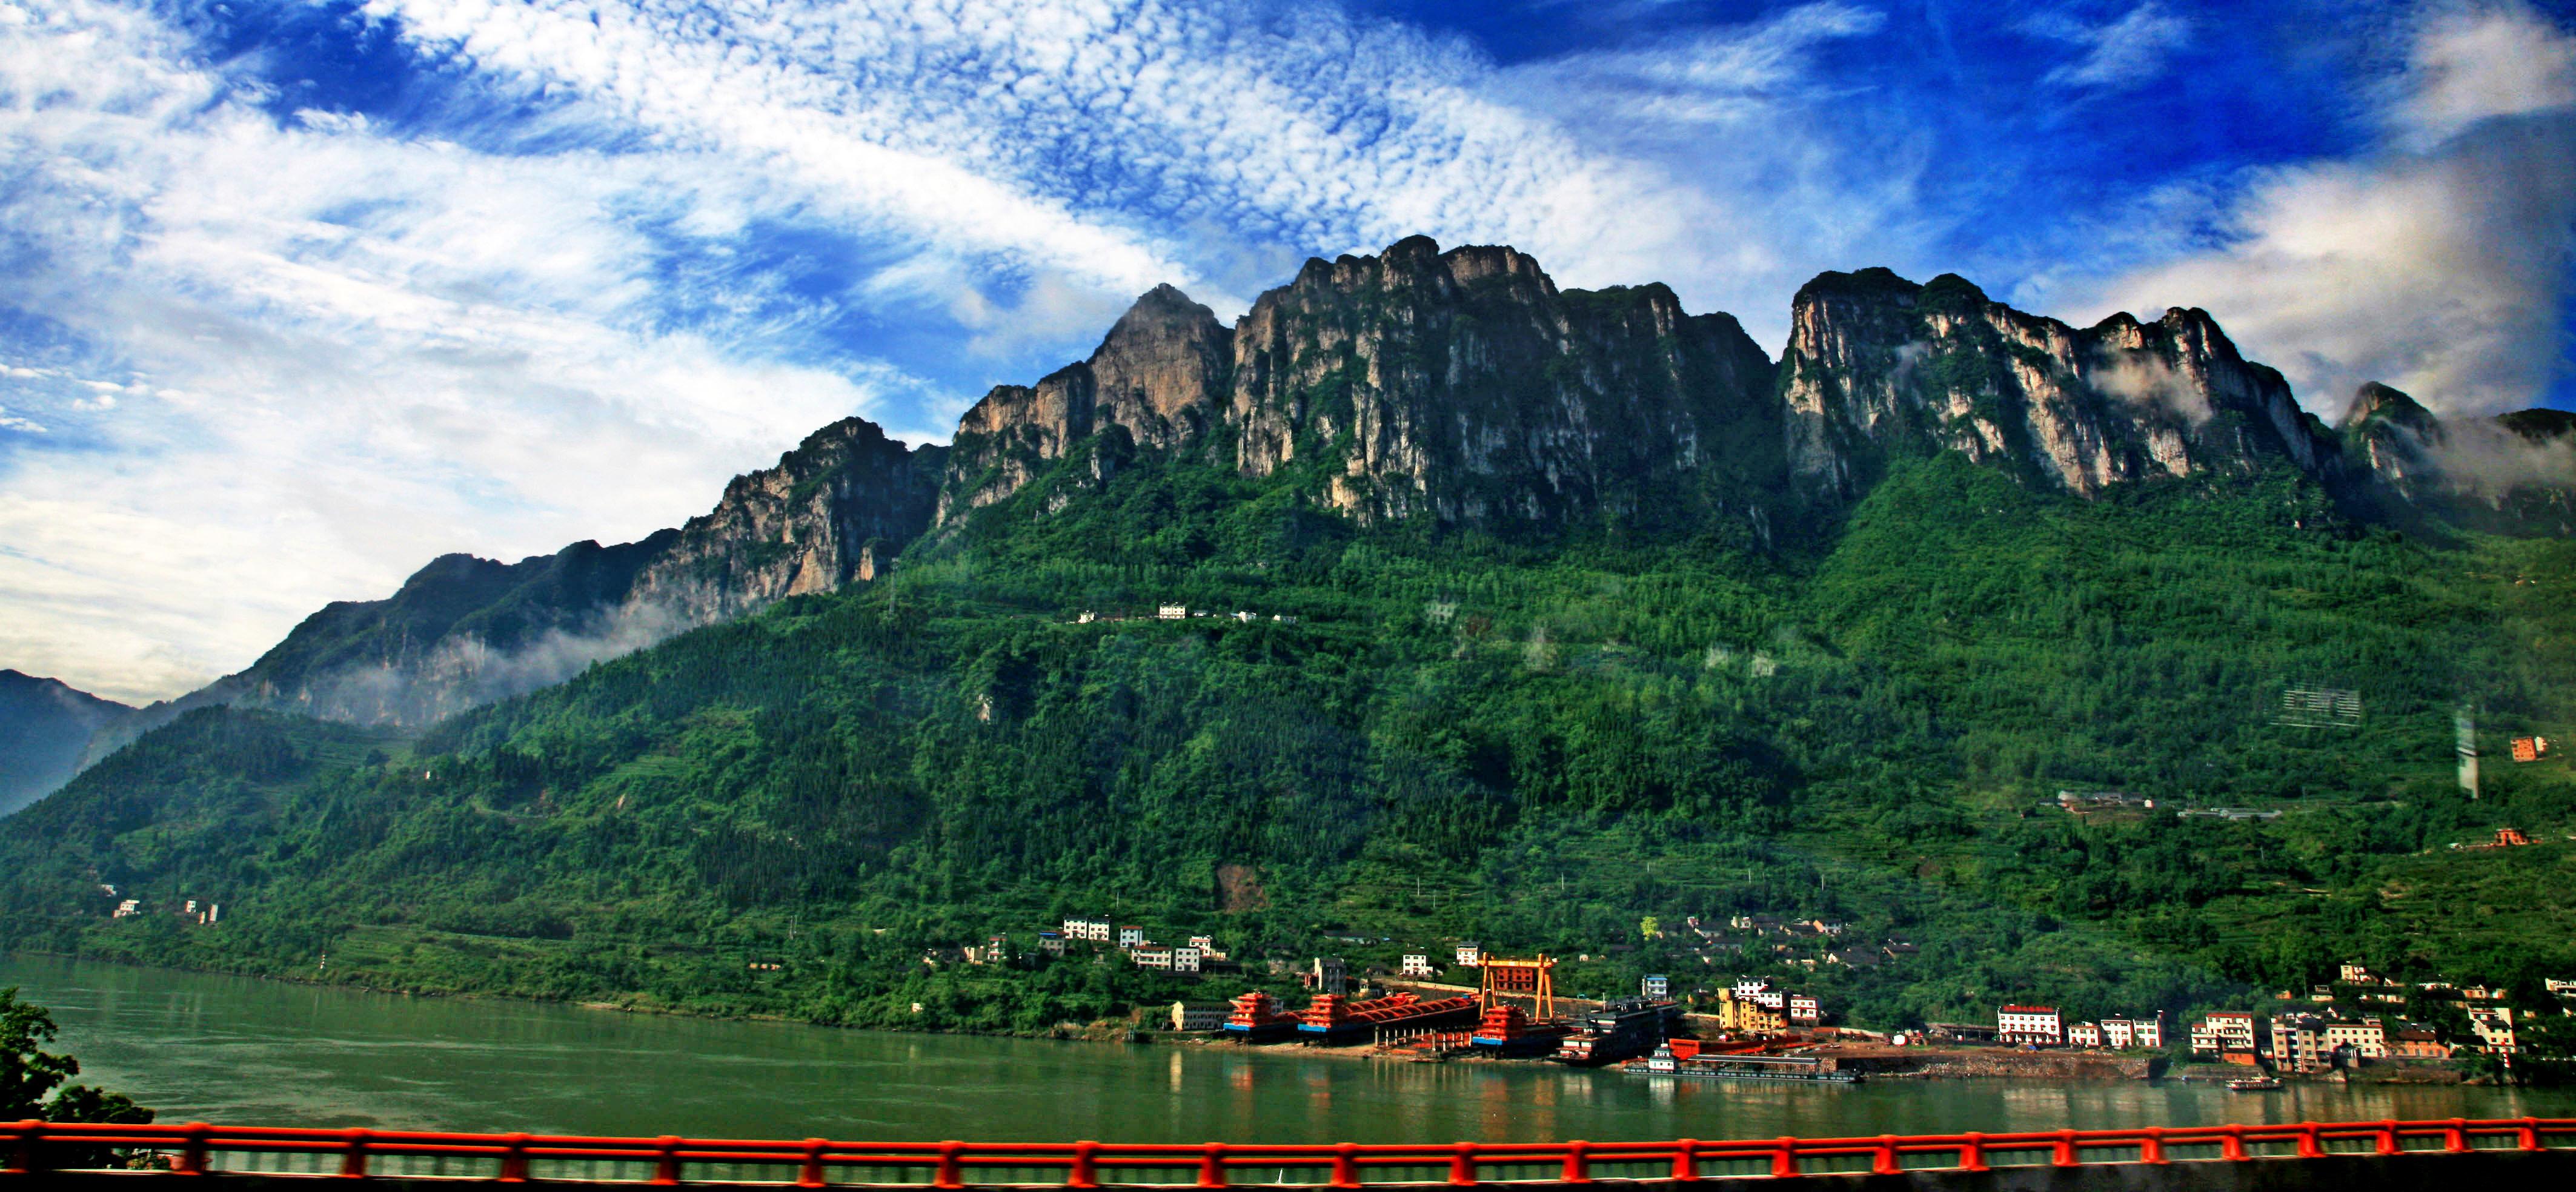 资讯: 巫山云阳重庆丰都长江三峡